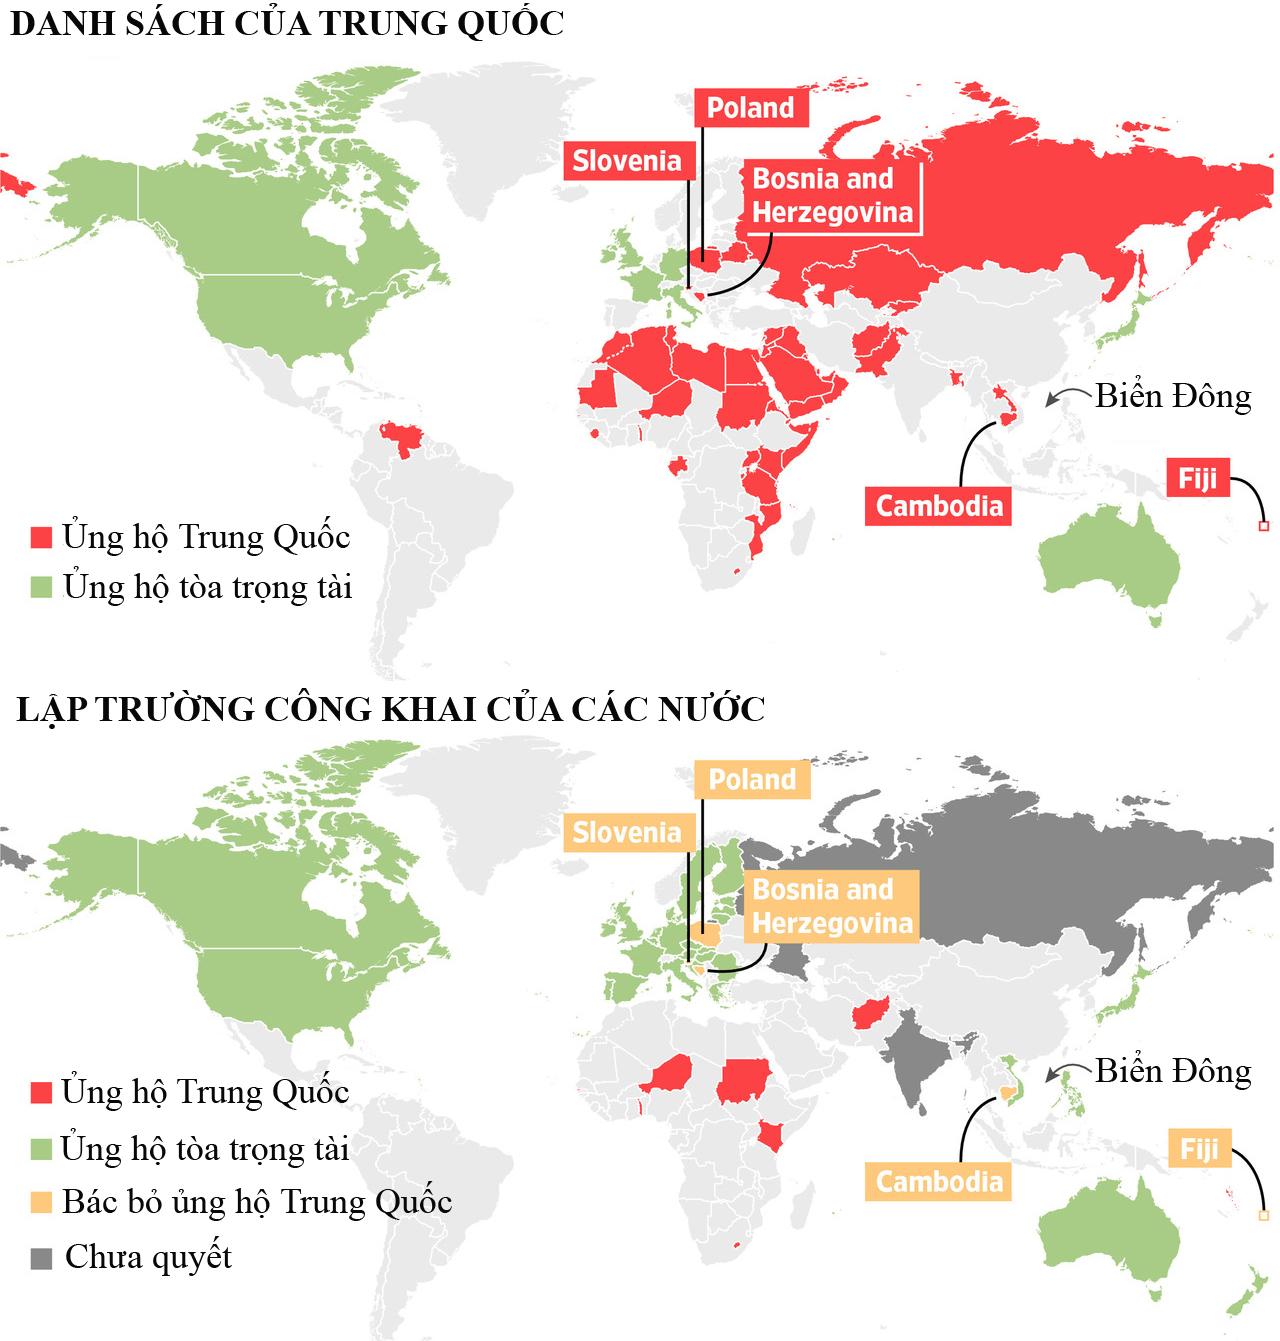 Nước nào ủng hộ lập trường Biển Đông của Trung Quốc